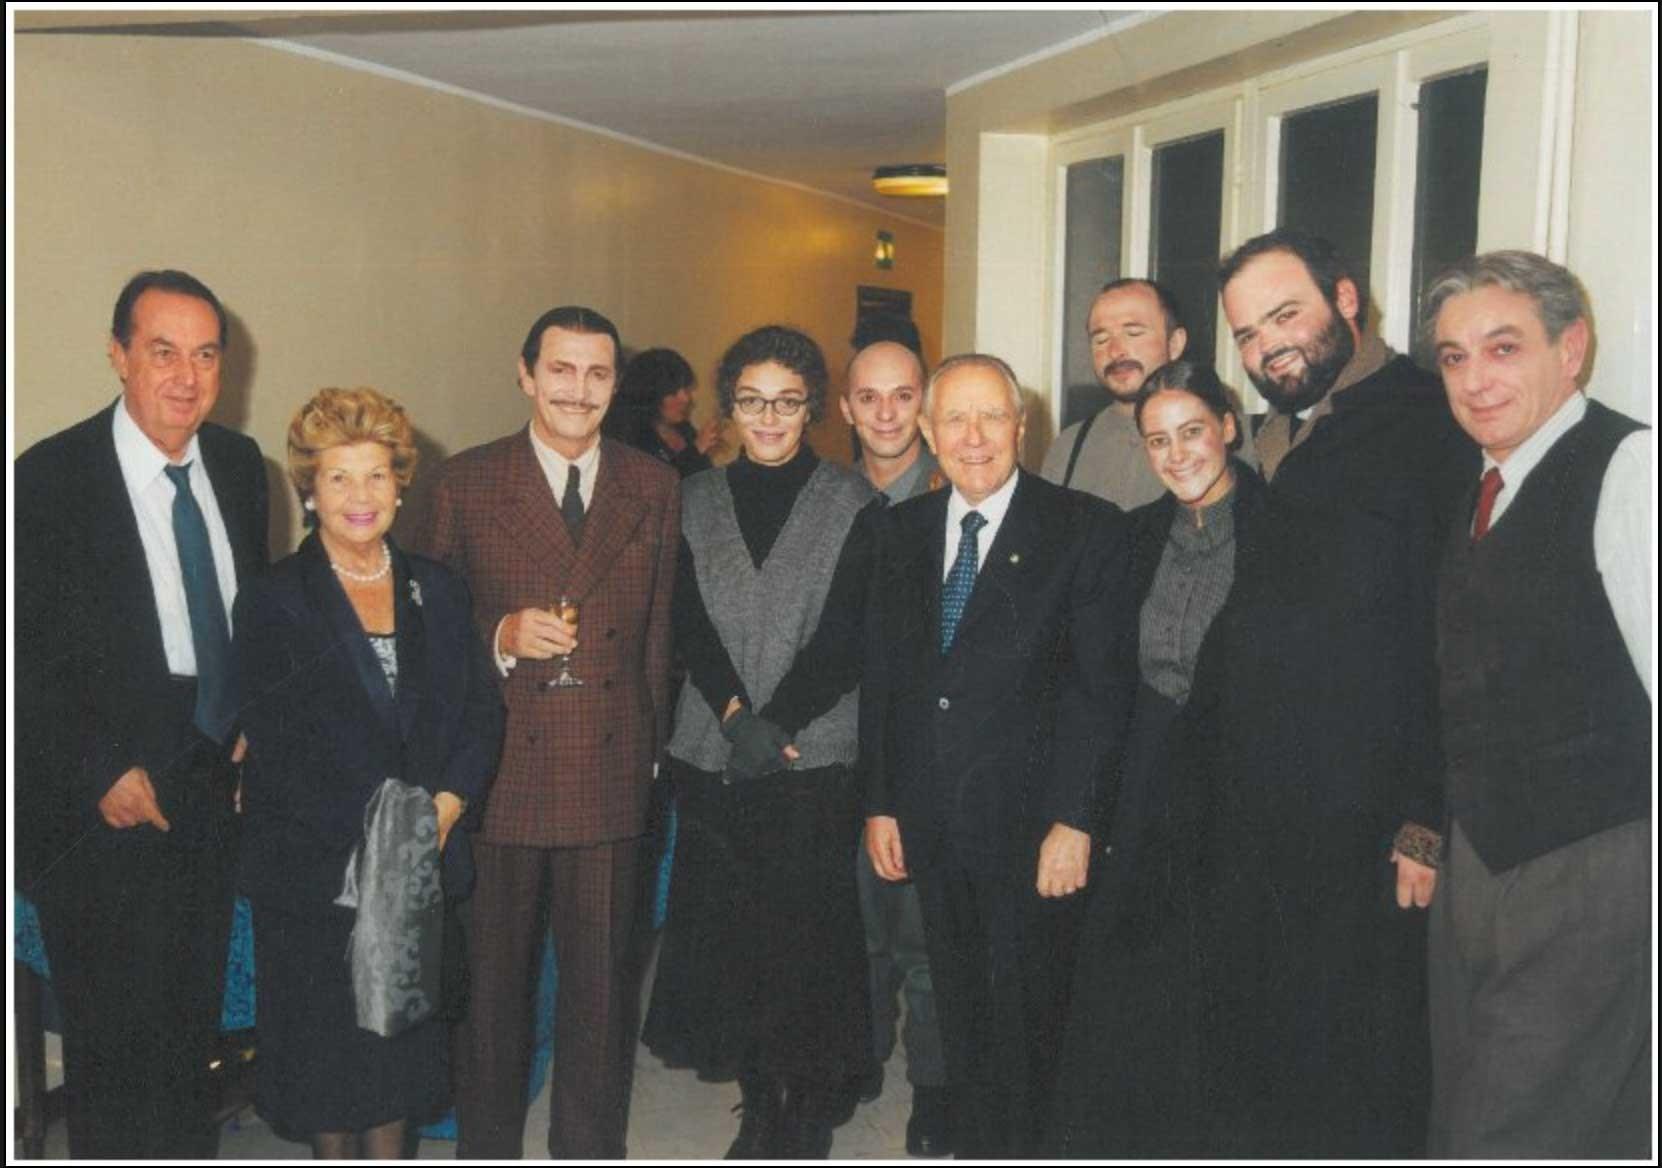 The Luca De Filippo Company with Carlo Azeglio Ciampi and wife.